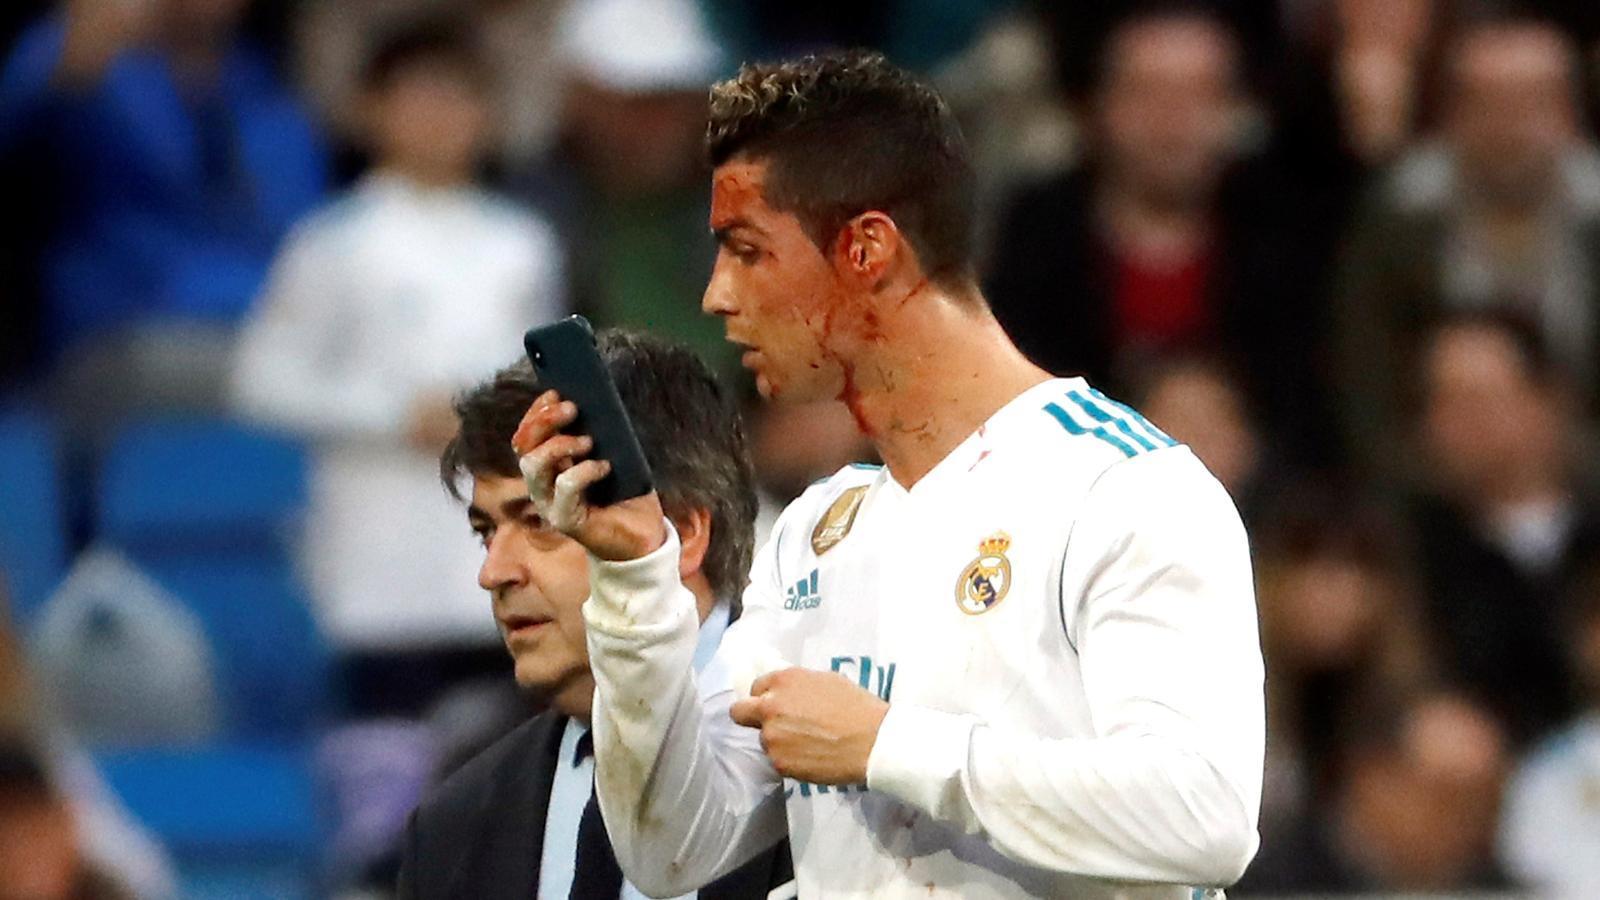 Cristiano ha acabat amb una ferida a la cara i s'ha mirat al mòbil del metge de l'equip